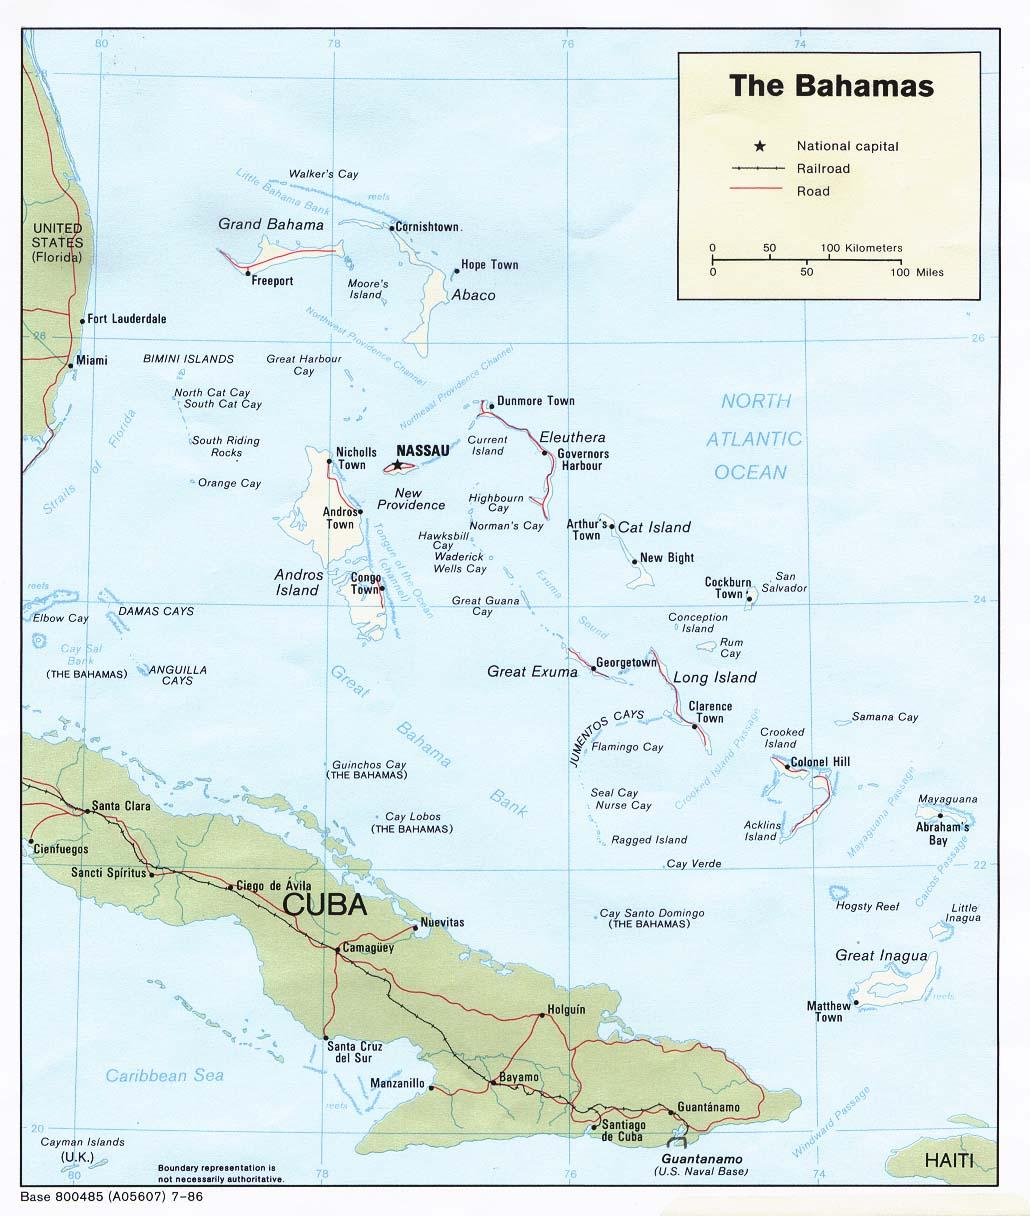 The Bahamas Tourist Map The Bahamas mappery